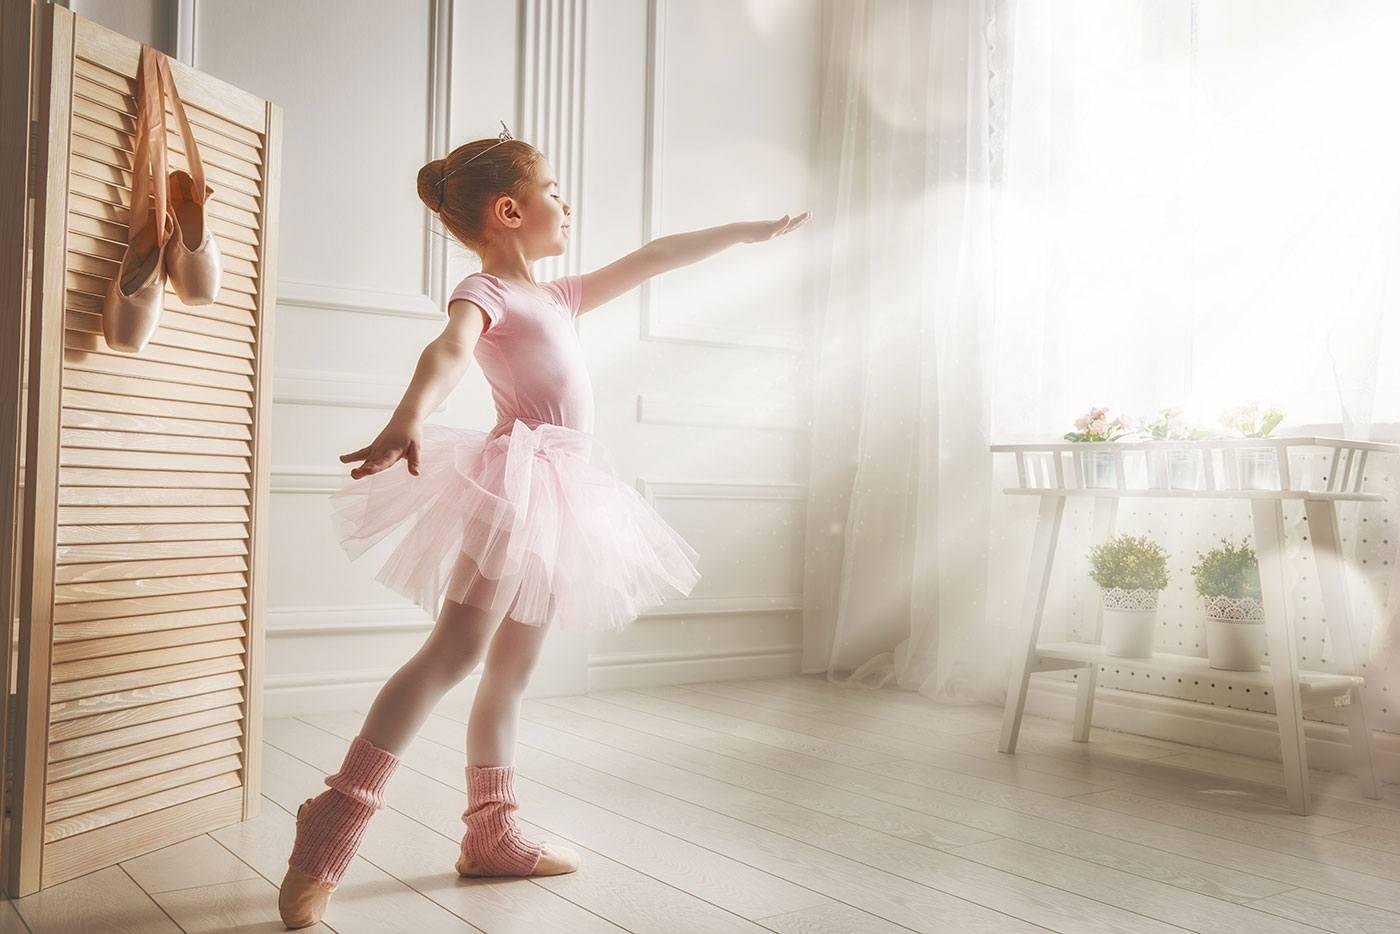 Dançar melhora o bem-estar físico e emocional das crianças